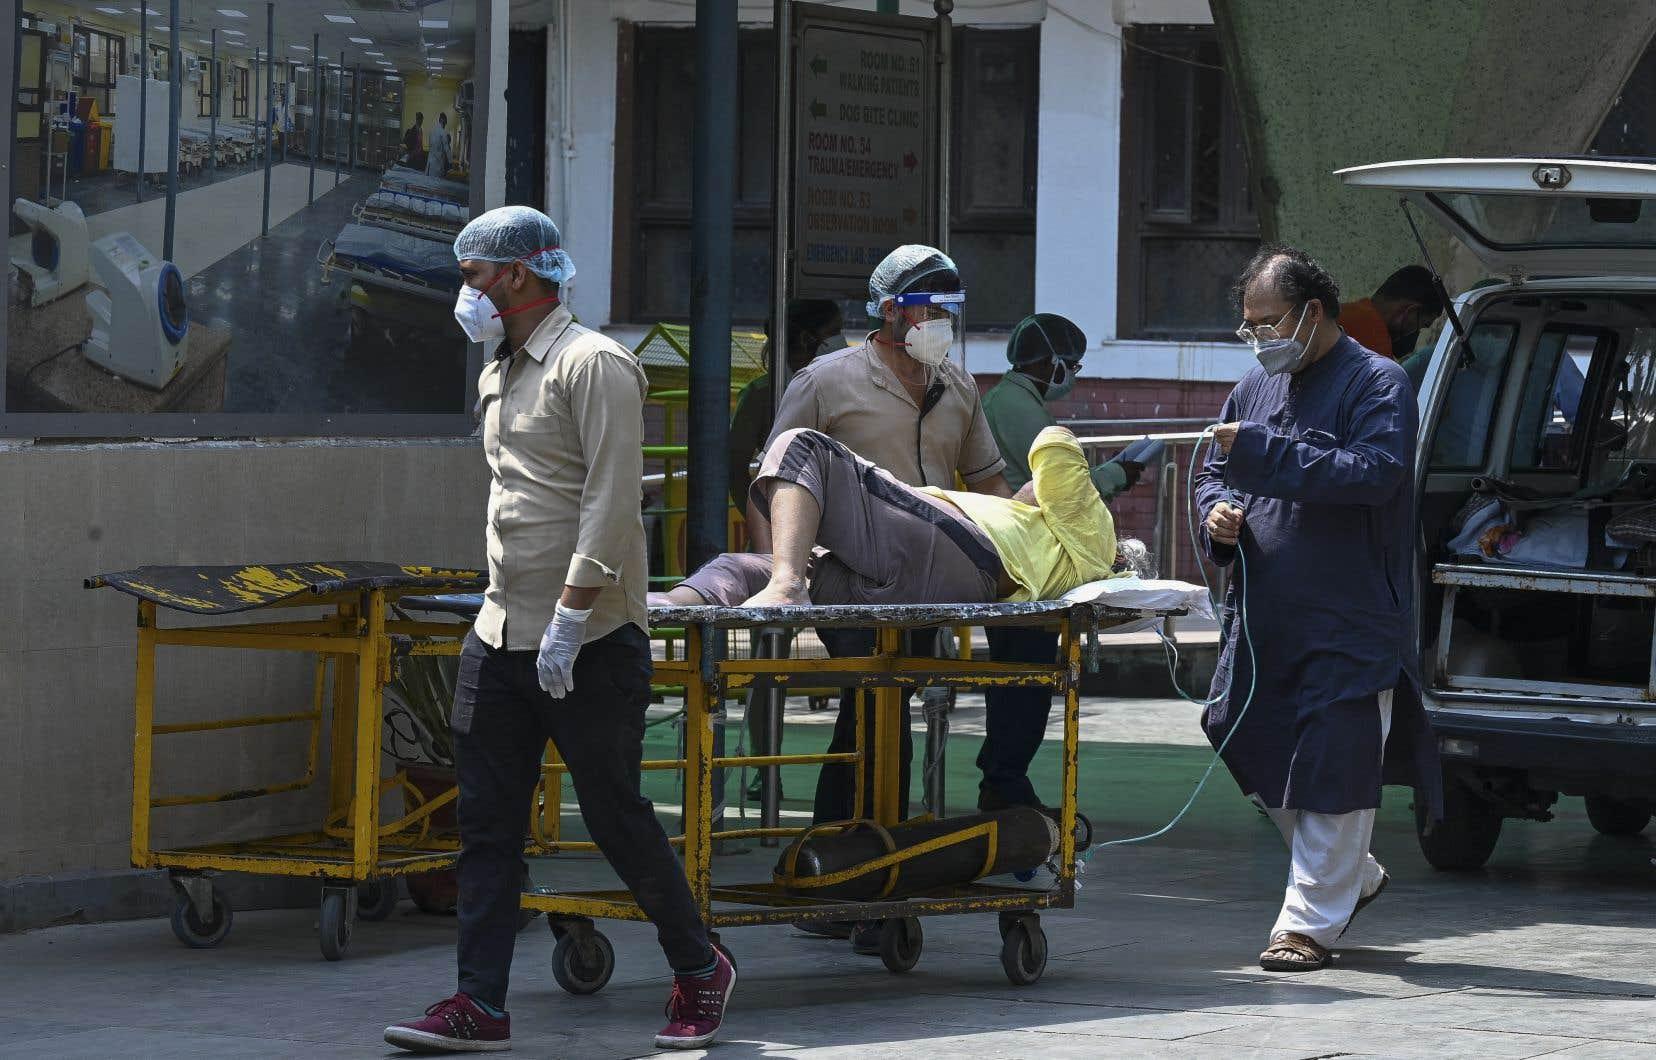 L'Inde bat des records mondiaux de contaminations, avec près de 380 000 nouveaux cas sur les dernières 24 heures.